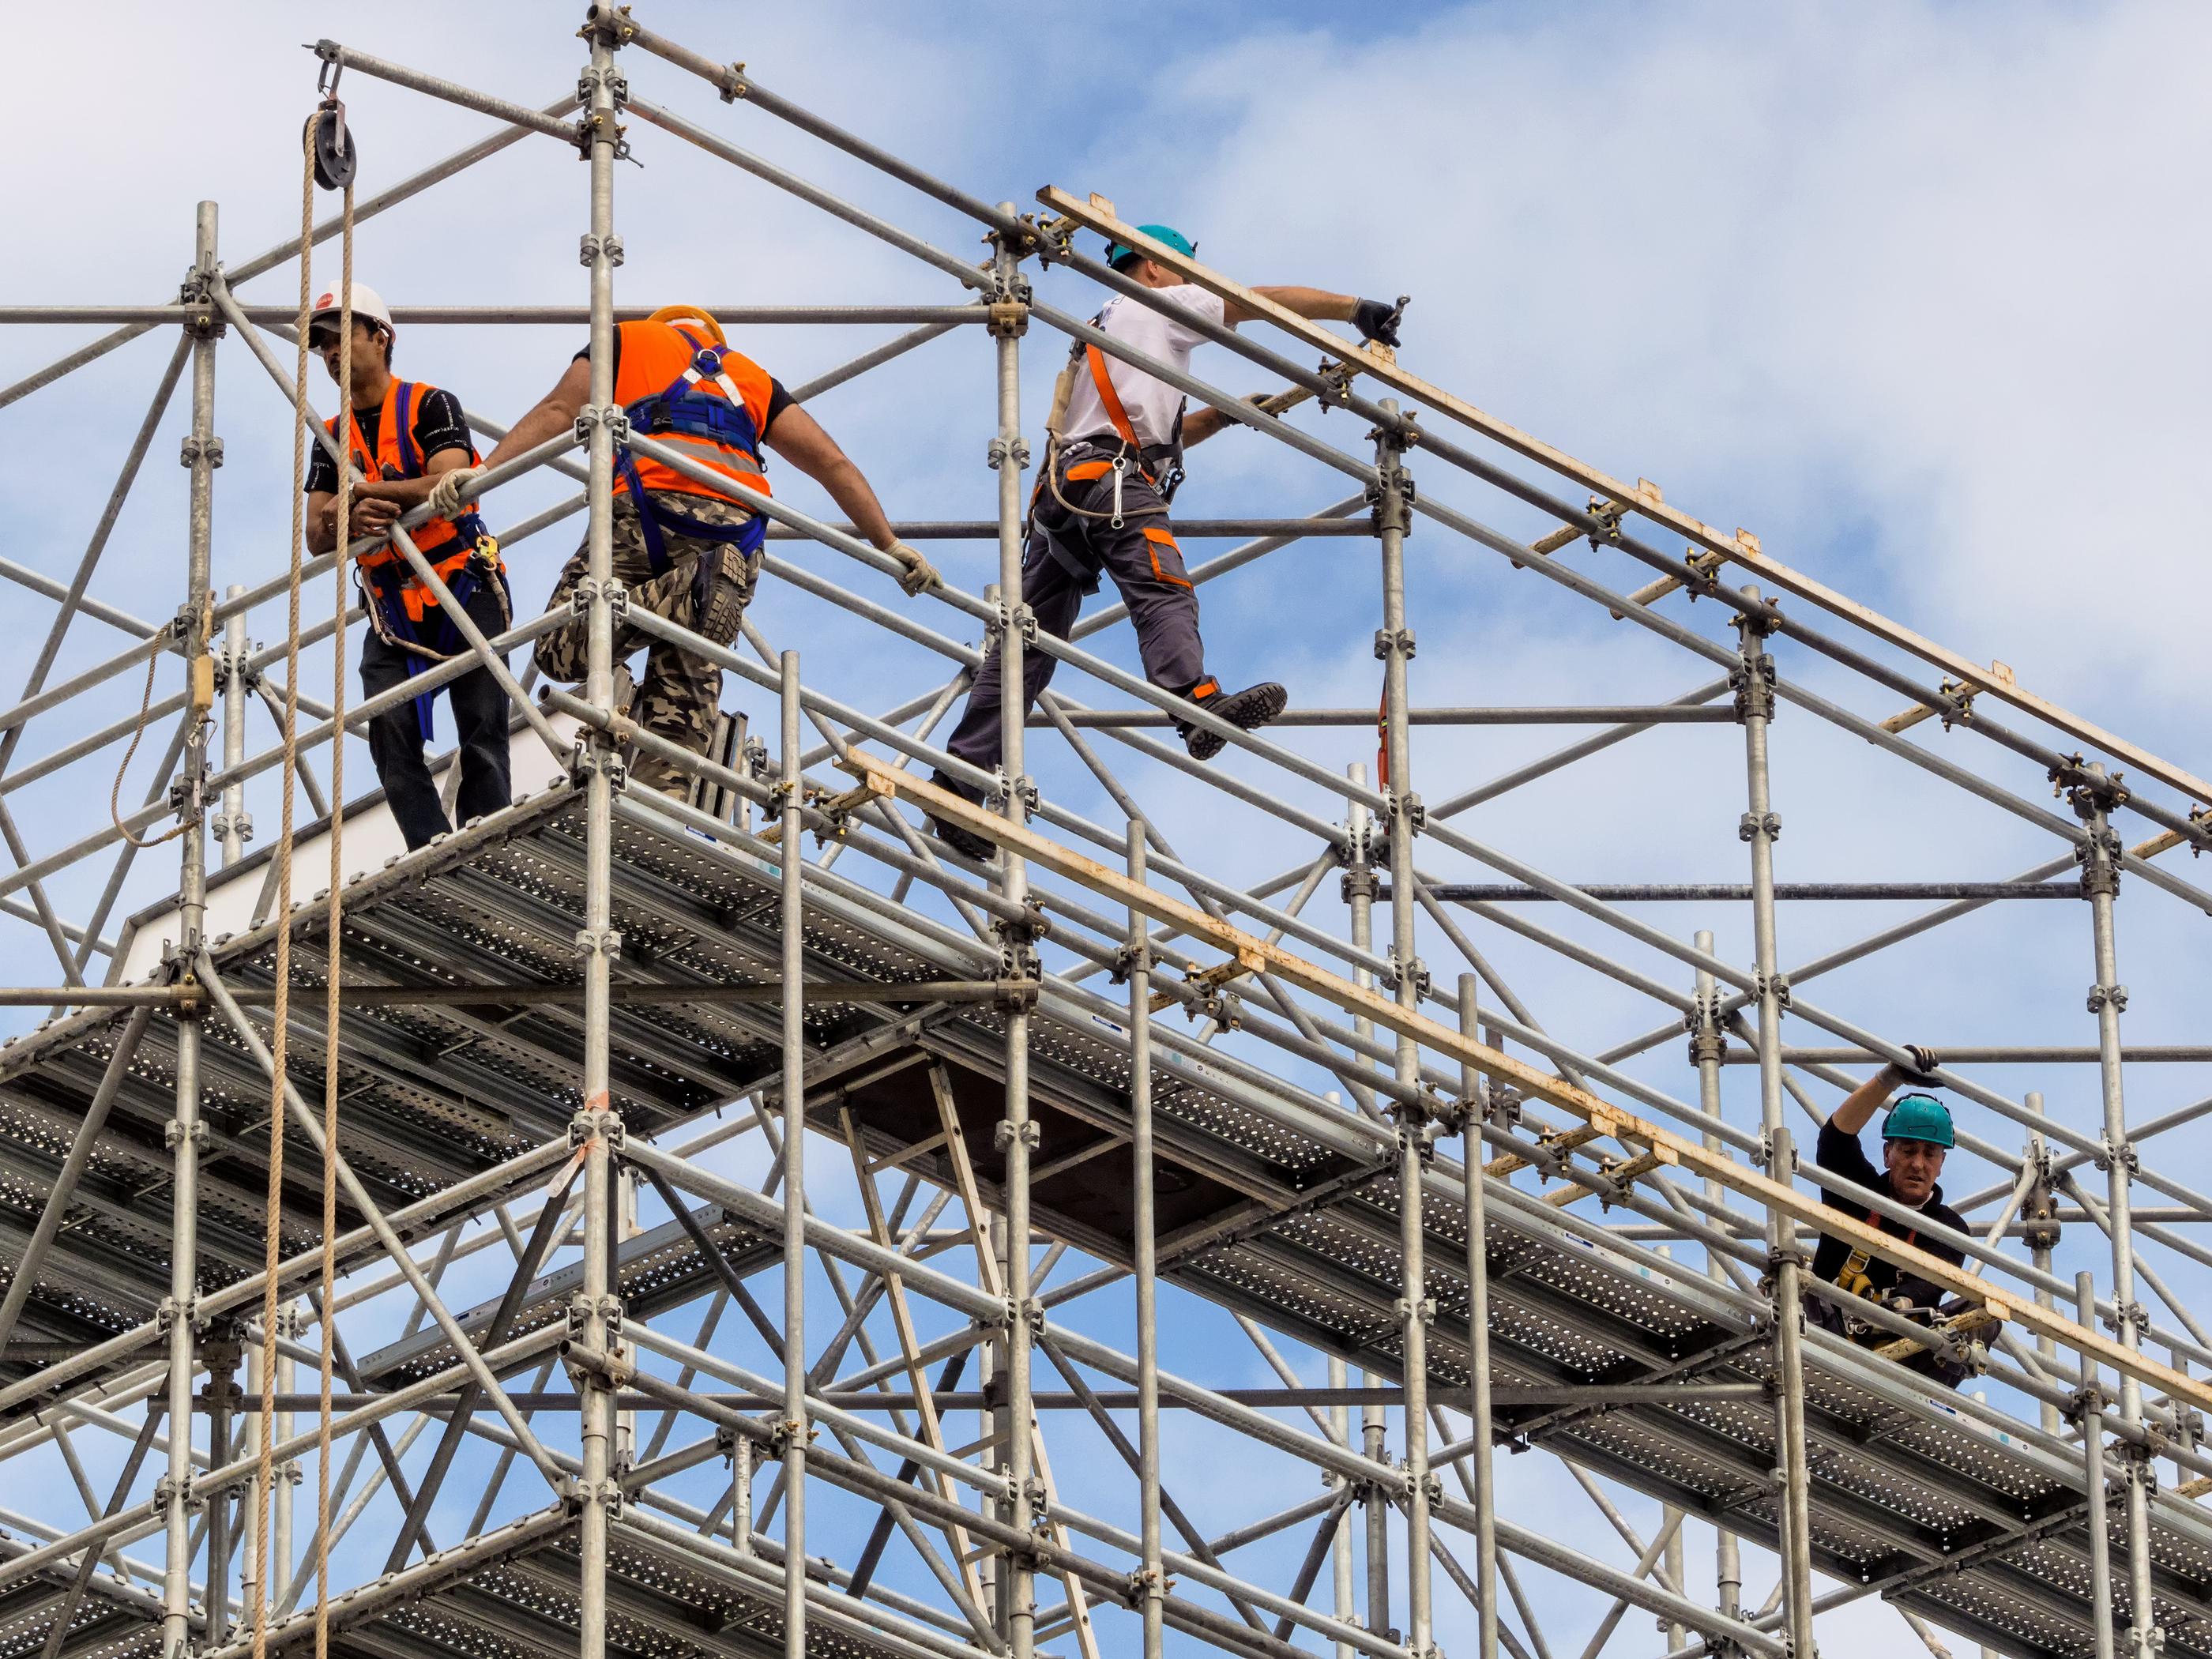 Stavebnictví čeká oživení, nábor nových zaměstnanců a nákup technologií